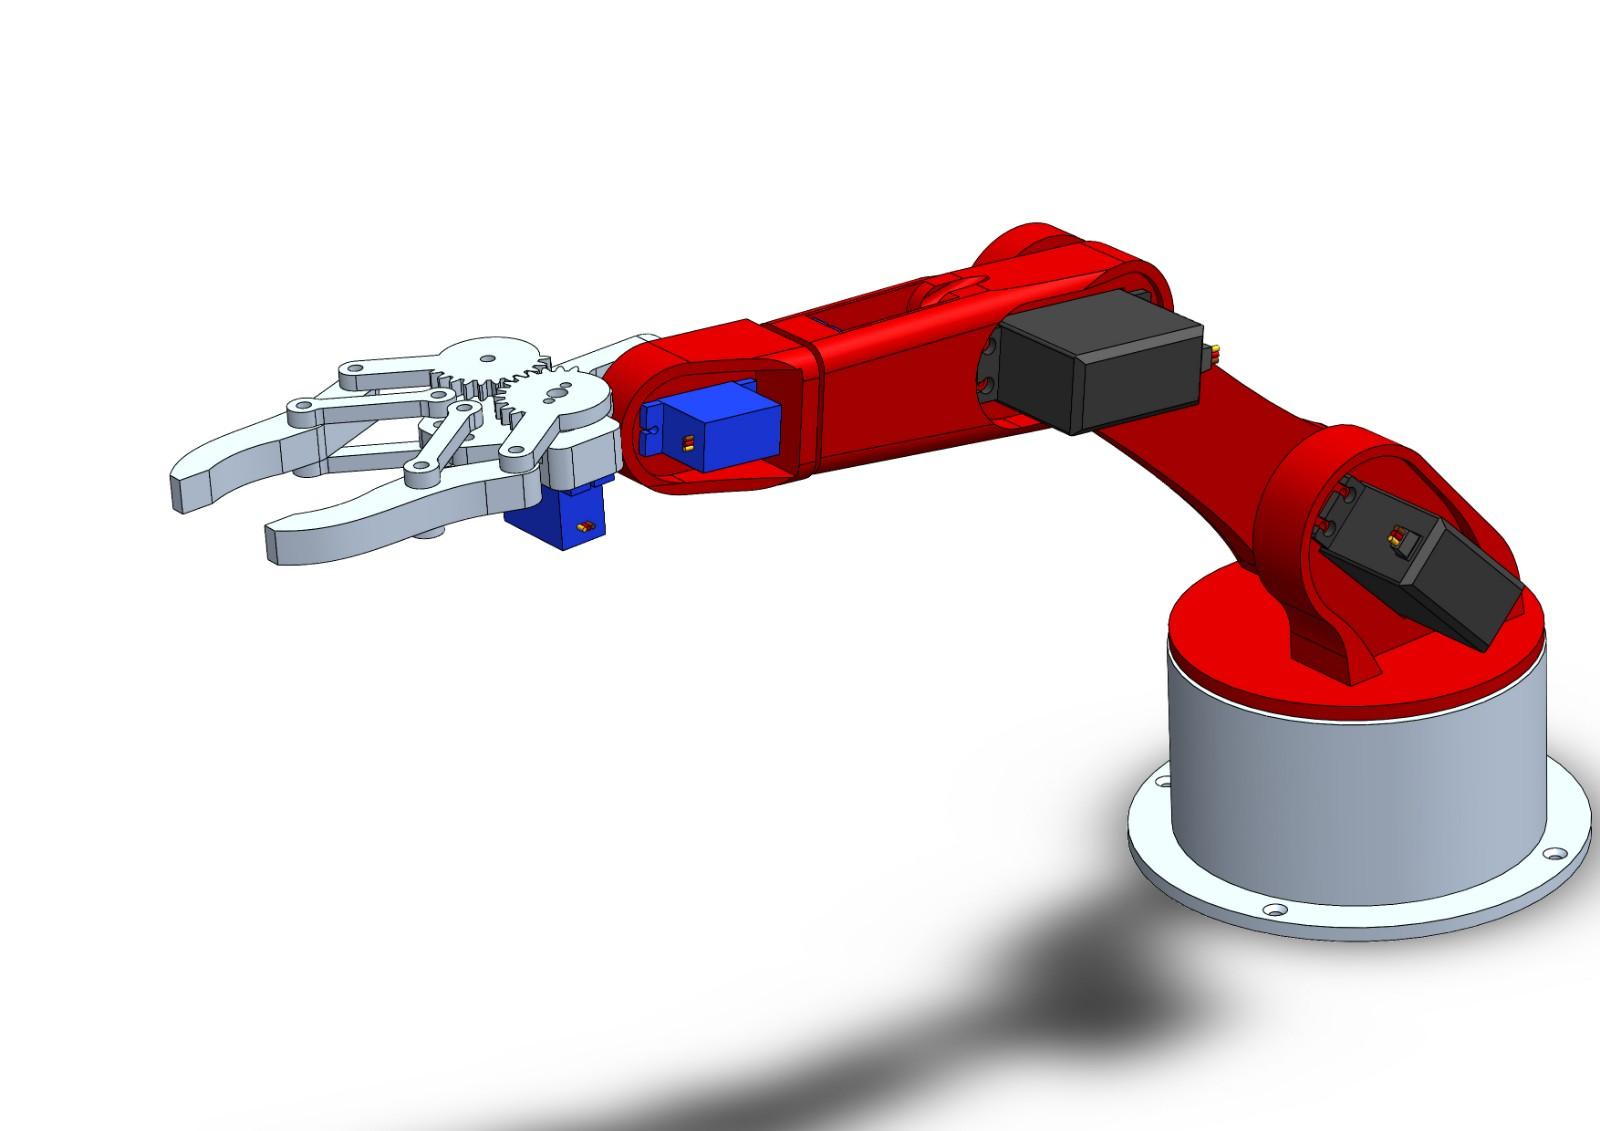 SolidWorks模型免费下载: 机器人 机械臂